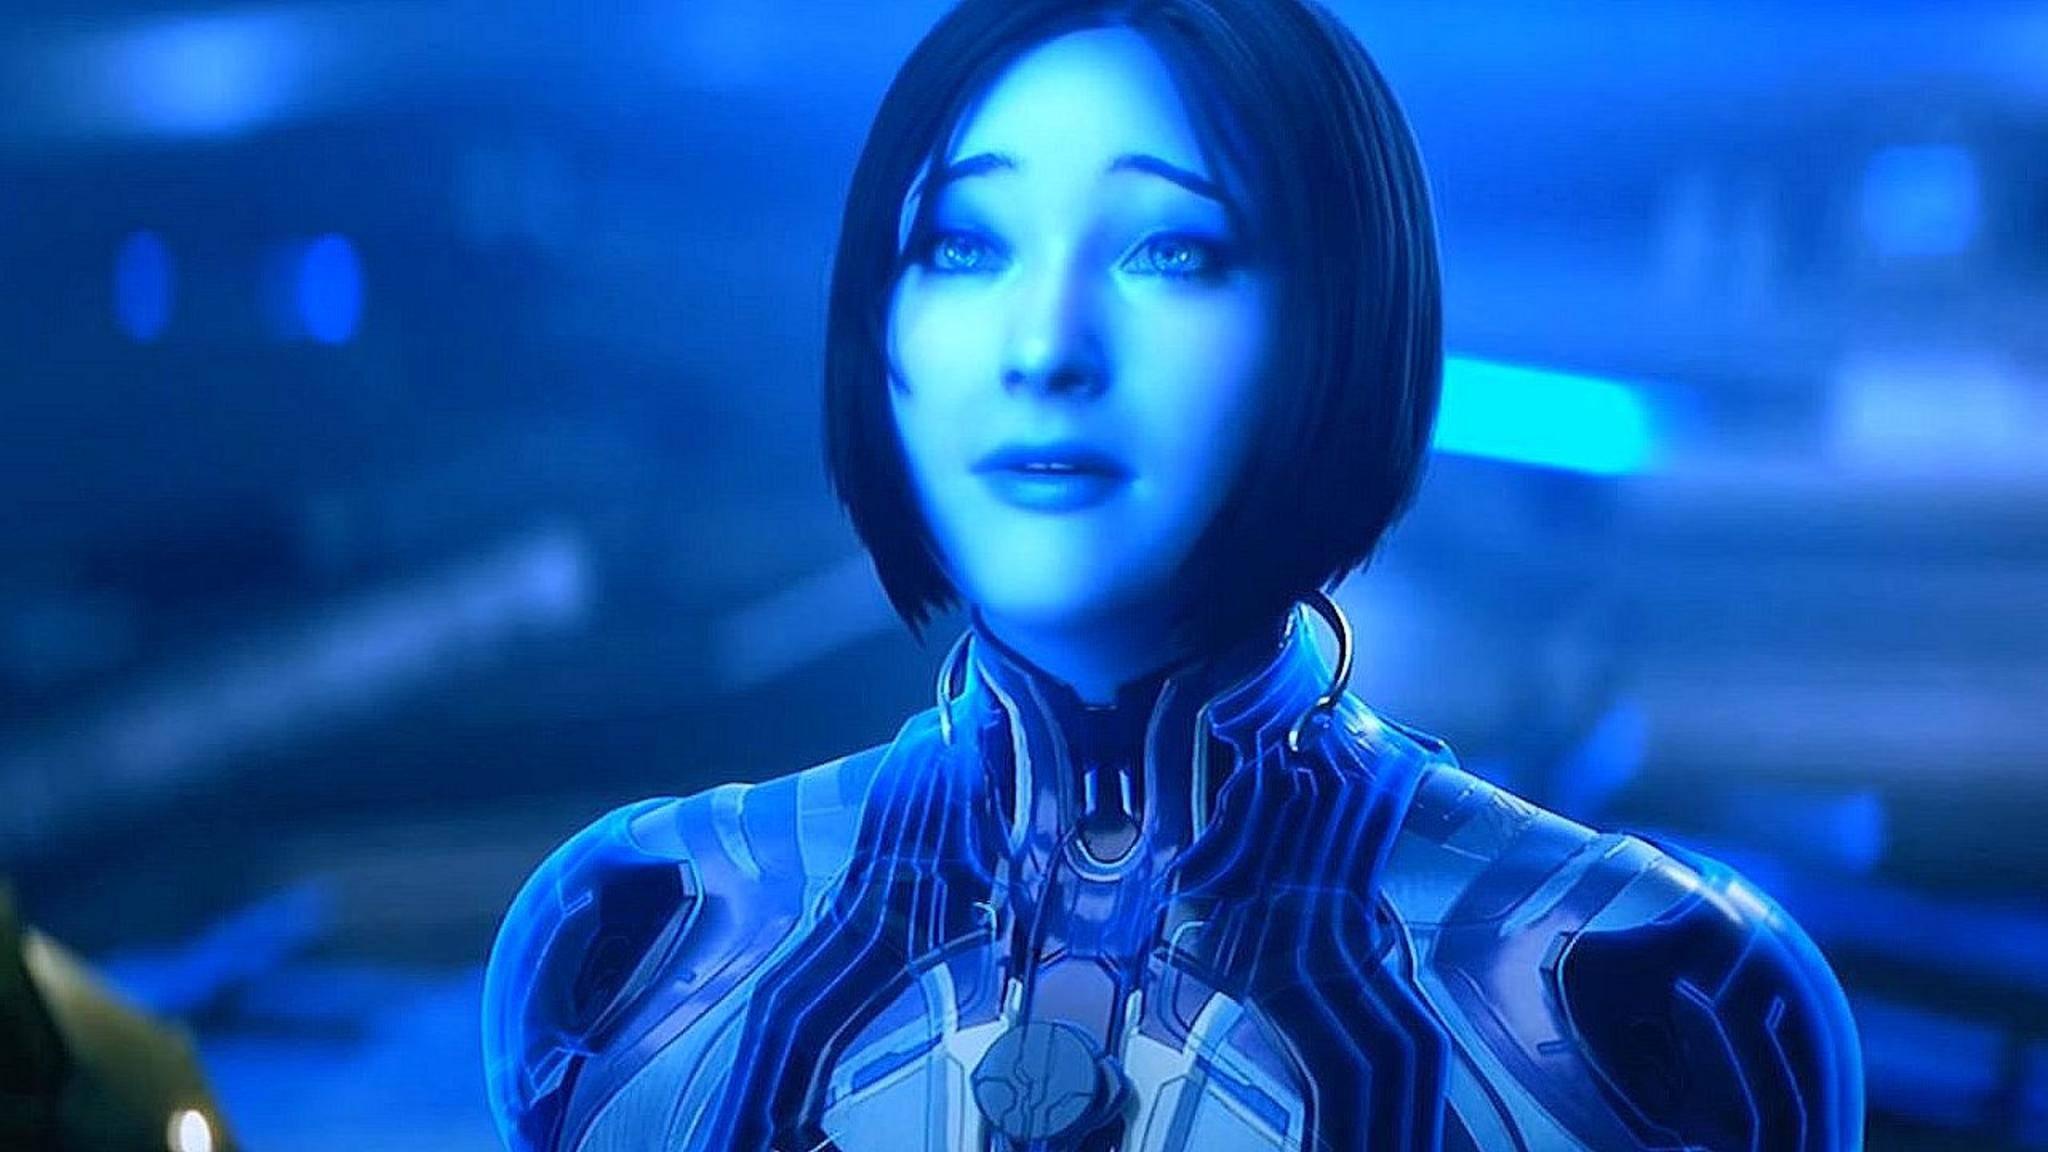 Den Suchverlauf von Cortana kannst Du komplett löschen.